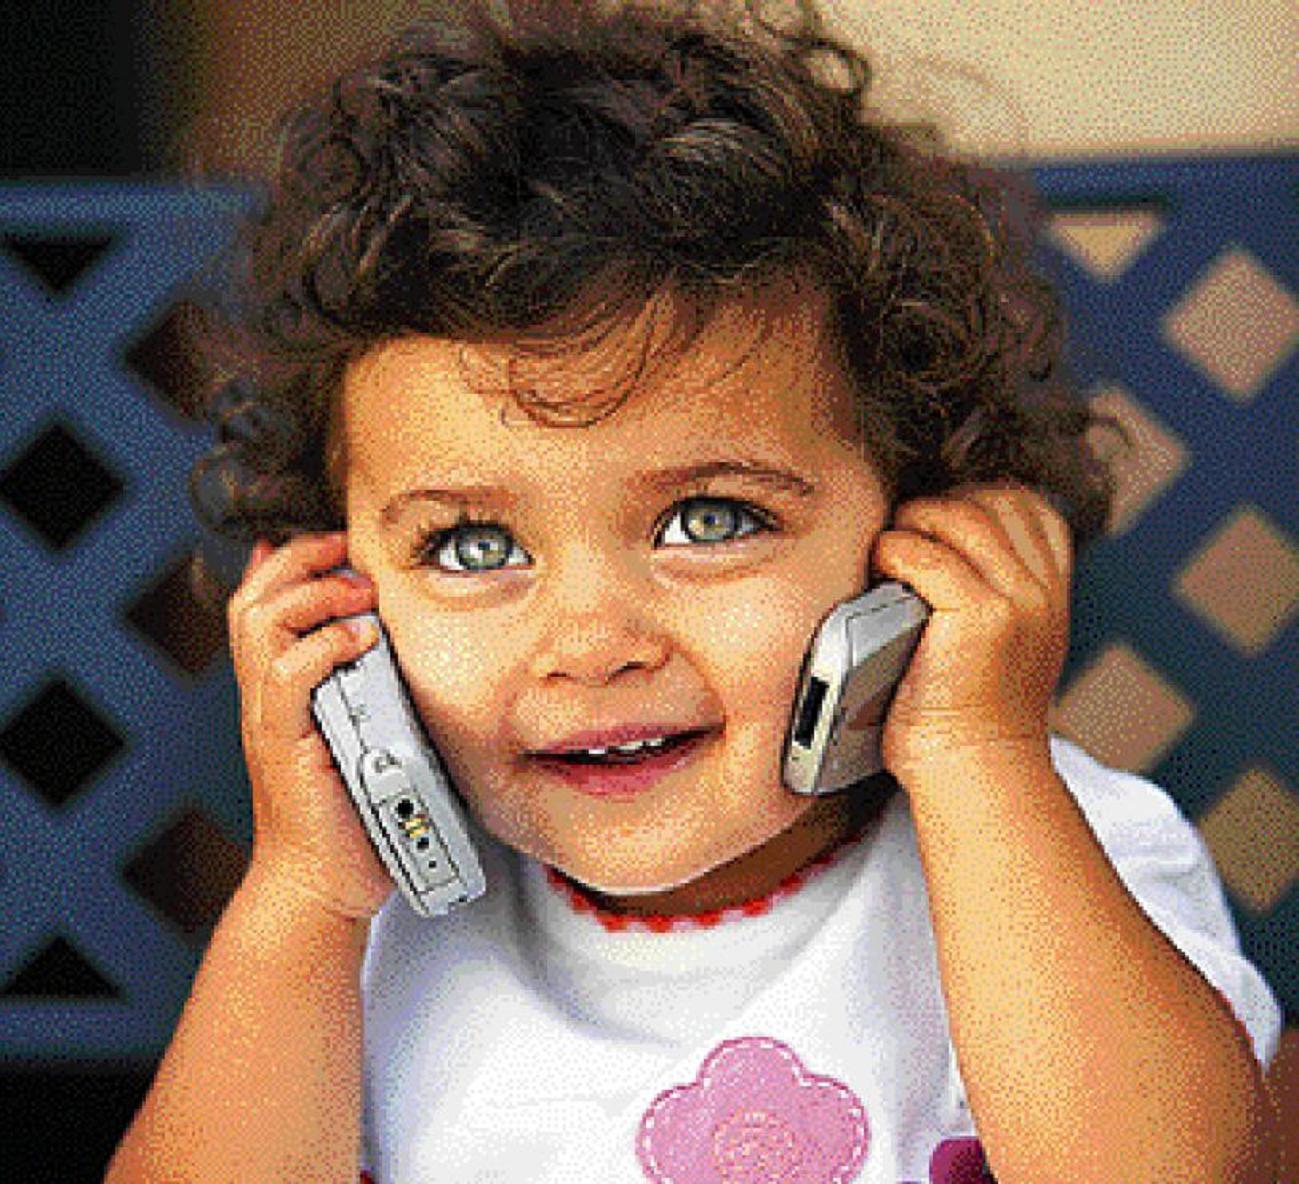 Οἱ ἰατροὶ καὶ οἱ πουτάνες χρειάζονται ἐπὶ 24ώρου κινητά...